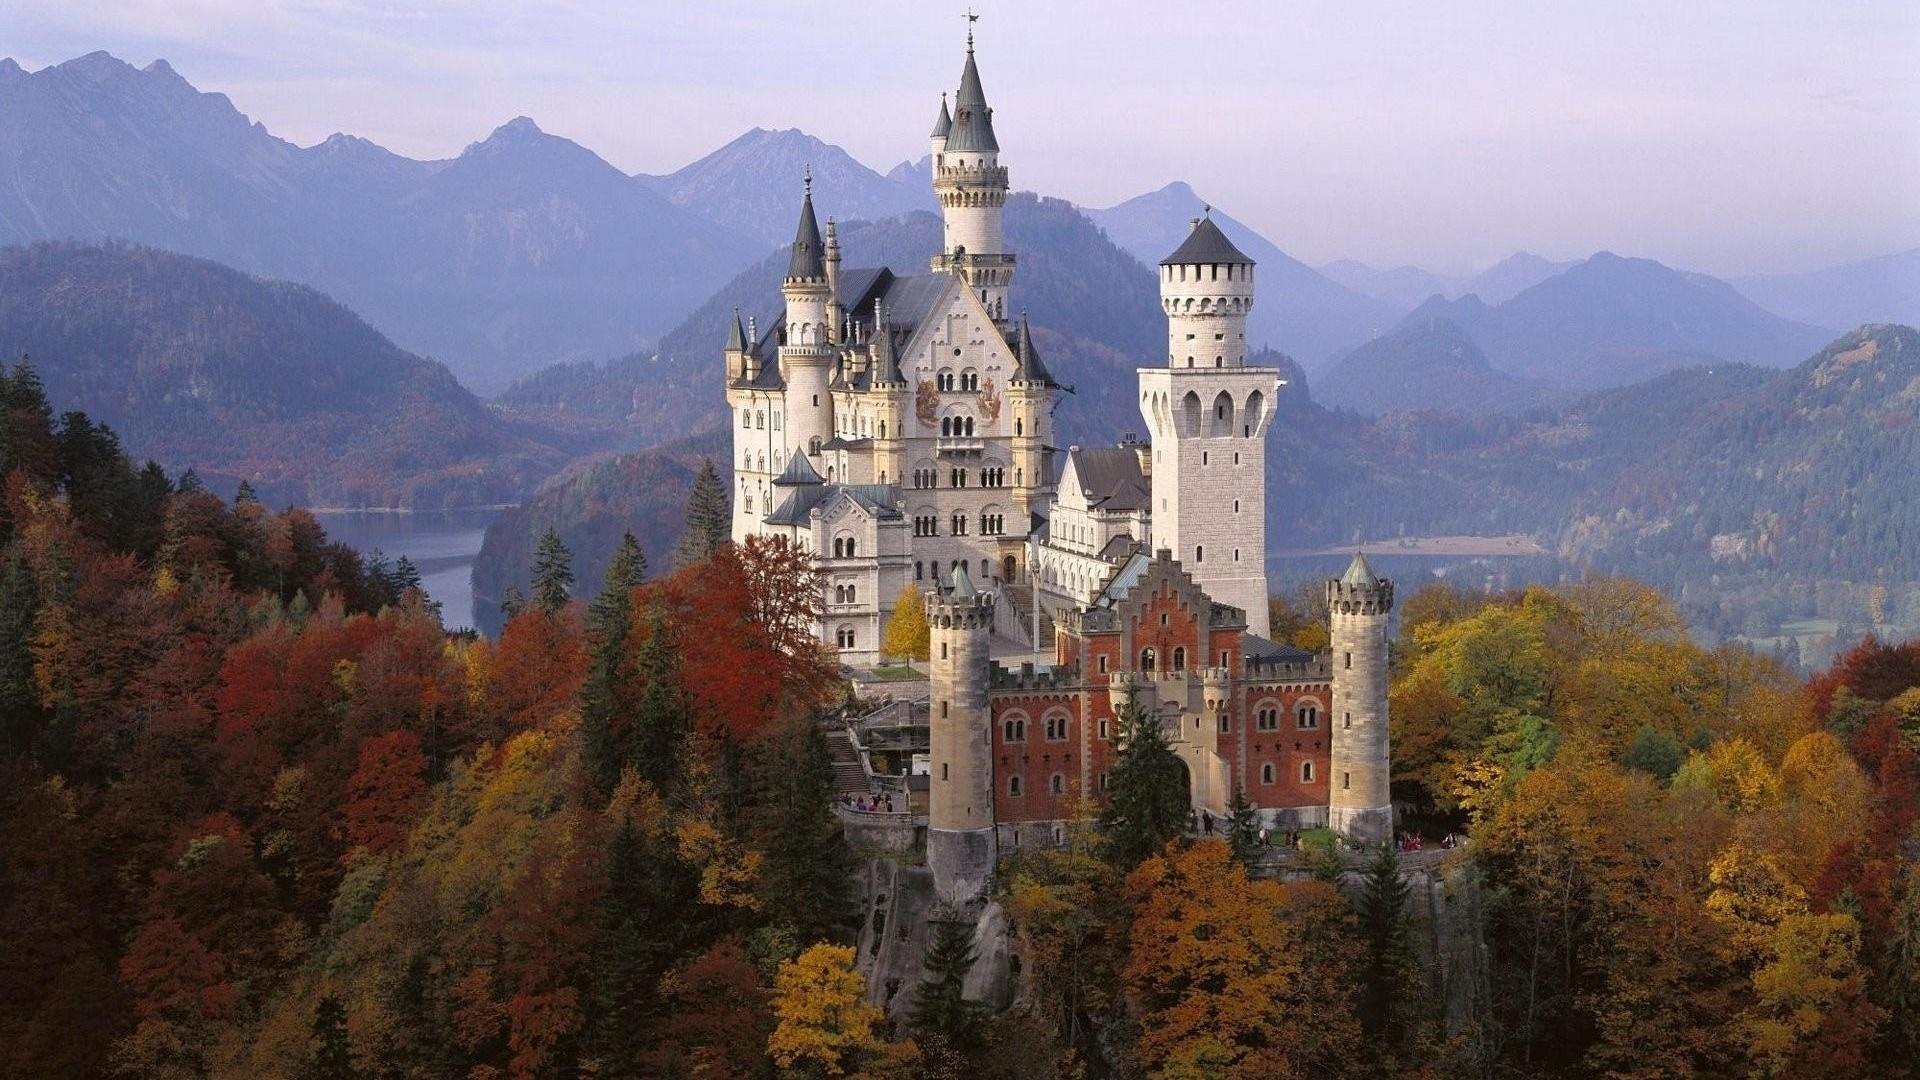 Castle HD Wallpaper